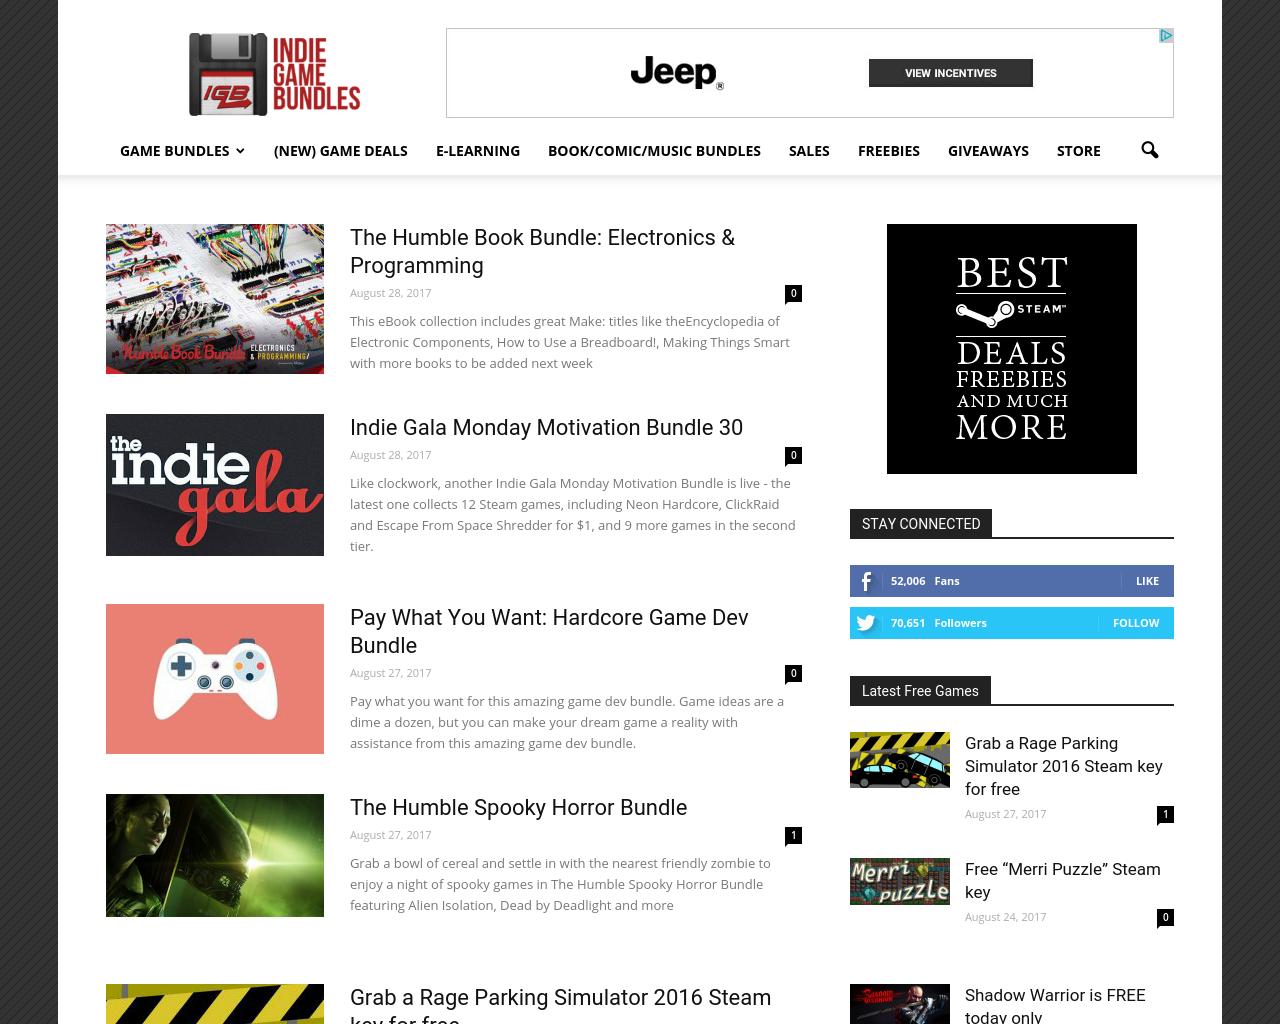 Indie-Game-Bundles-Advertising-Reviews-Pricing